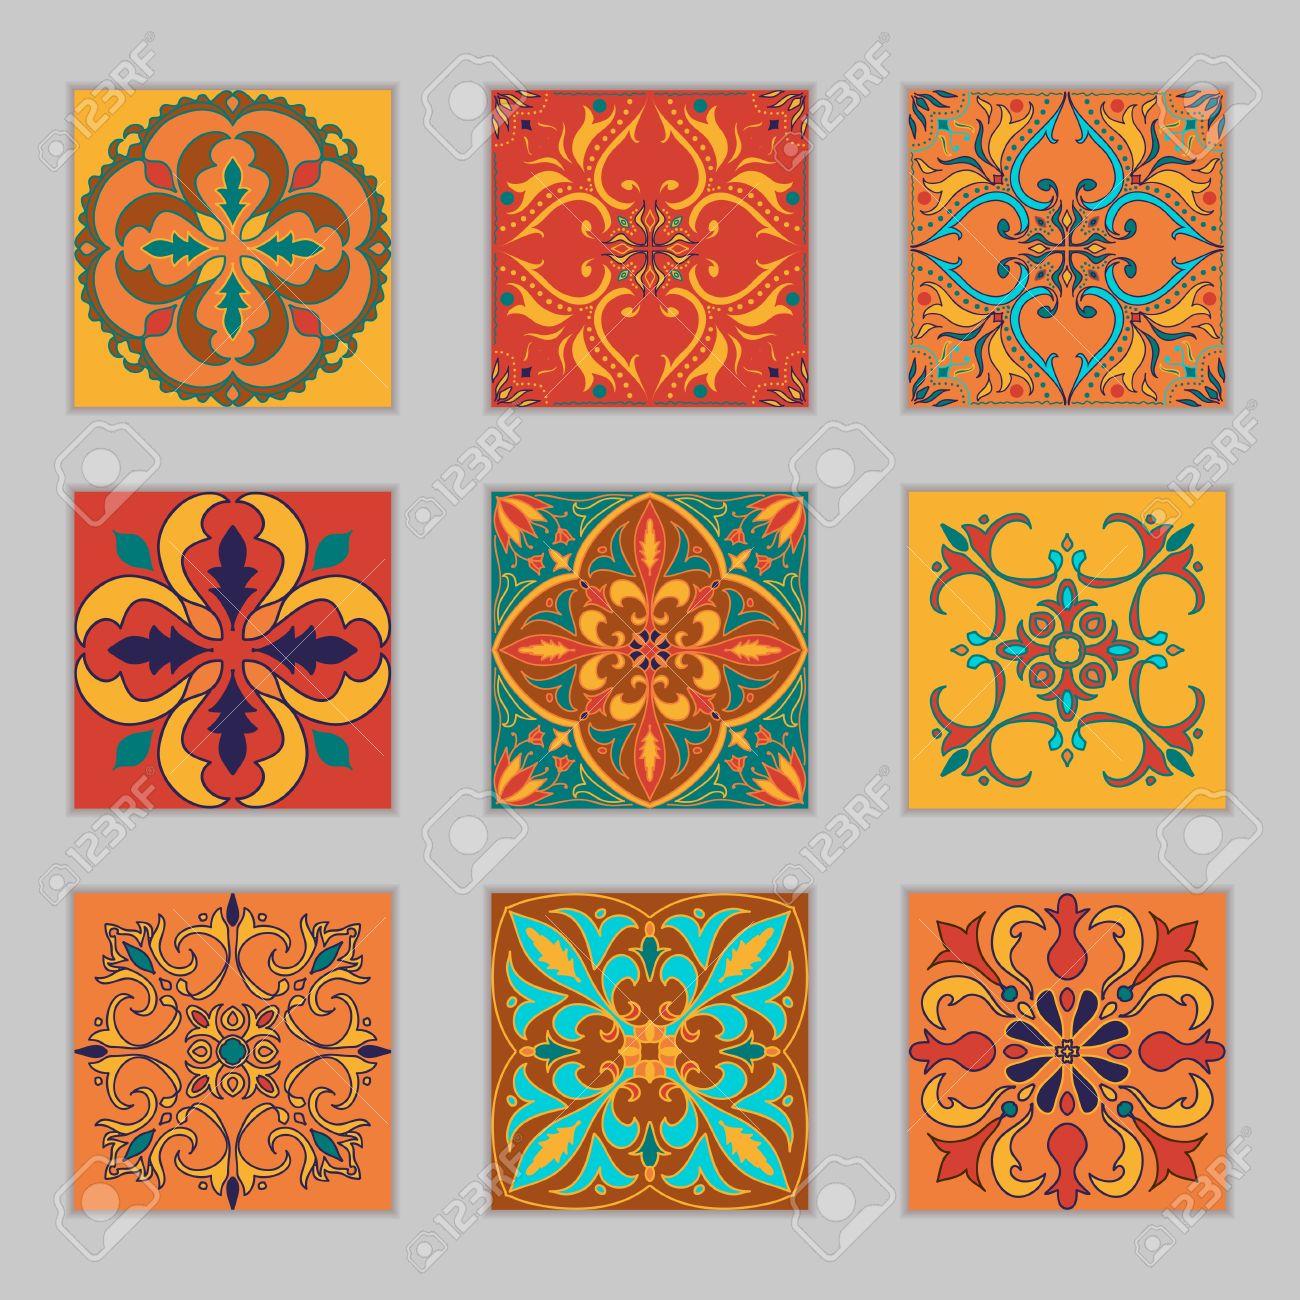 conjunto de azulejos portugueses vector patrones de colores bonitos para el diseo y la moda